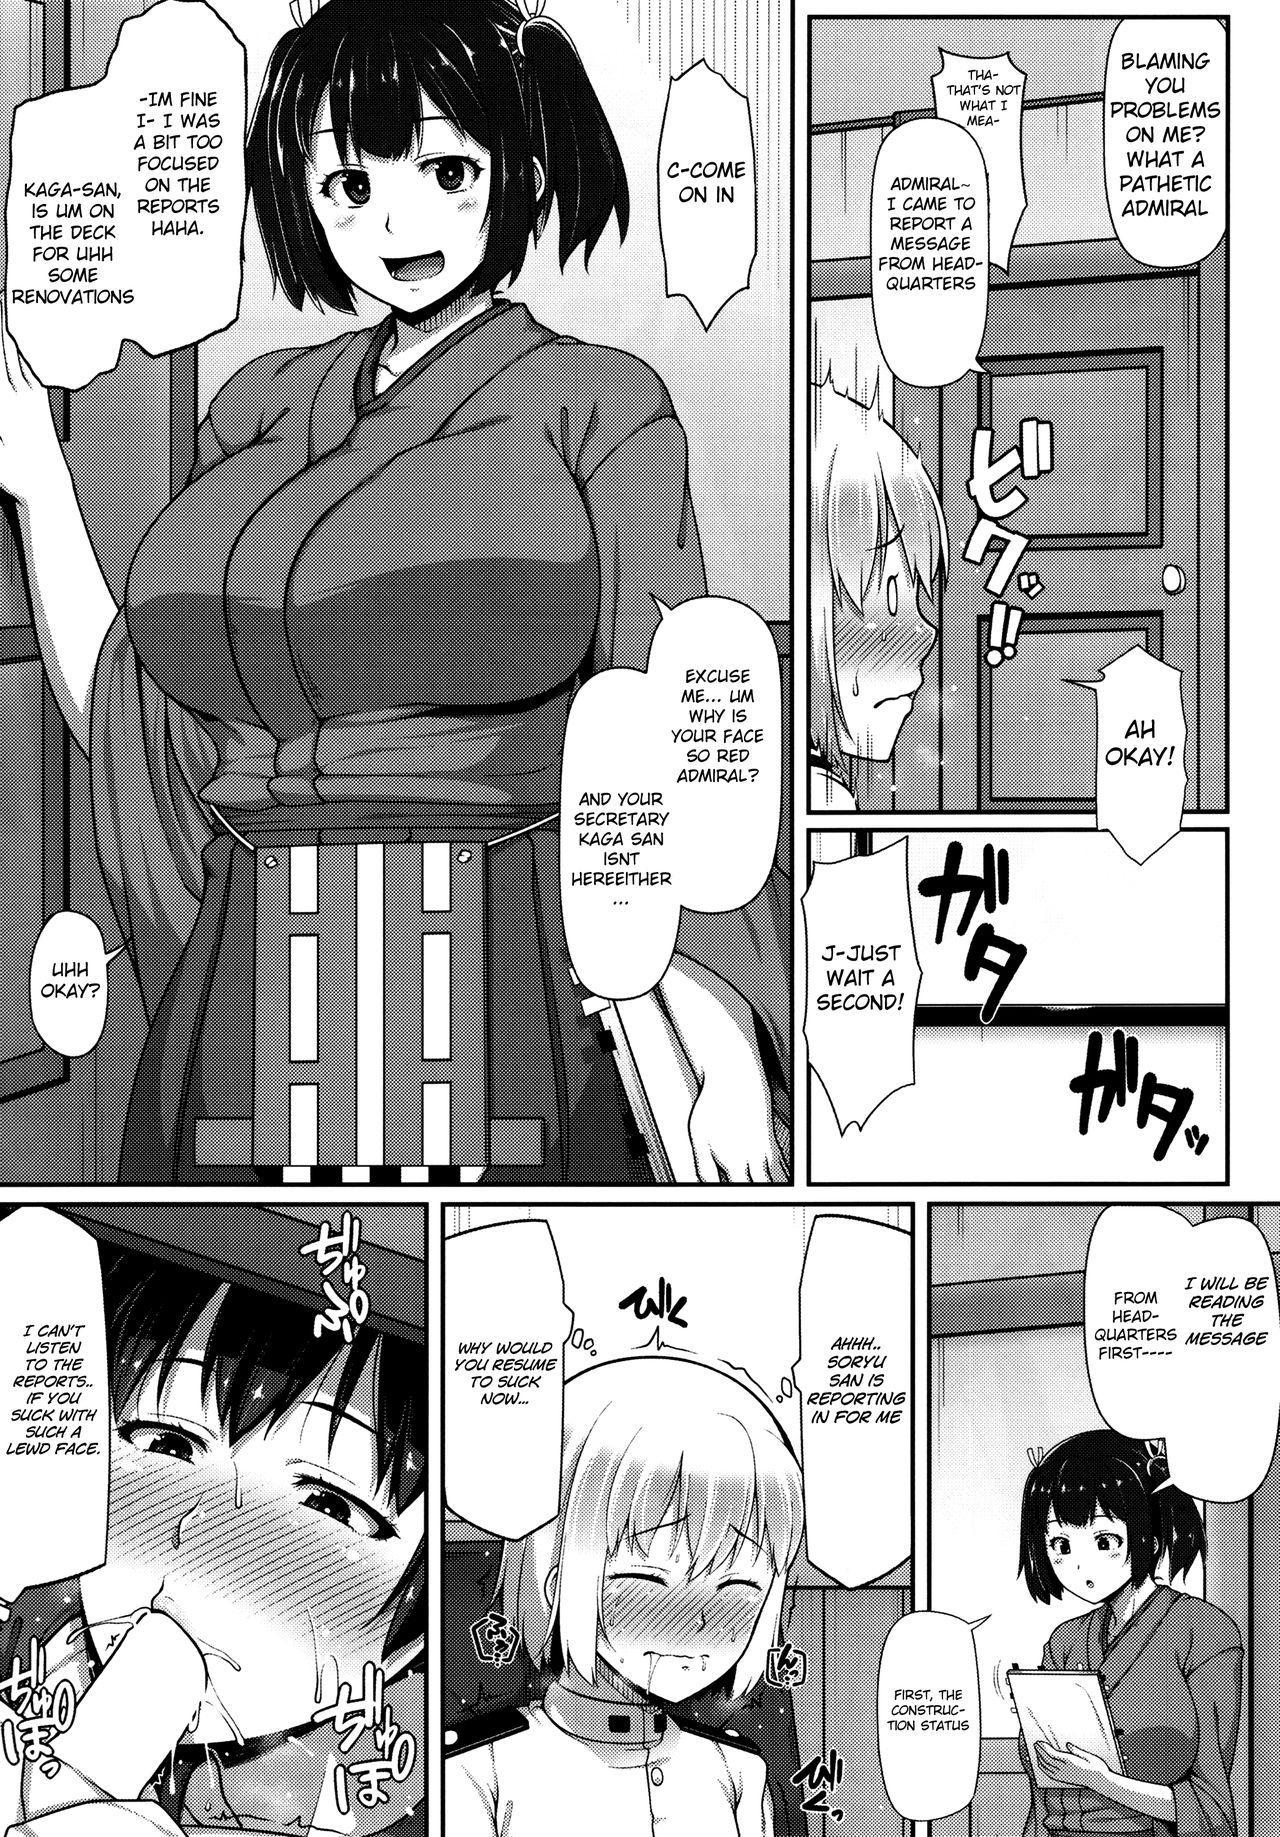 (C88) [Banana Koubou (Ao Banana)] Kaga-san wa Motto Inran Oneechan   Kaga-san is an Even More Perverted Sister (Kantai Collection -KanColle-) [English] [hardcase8translates] 5